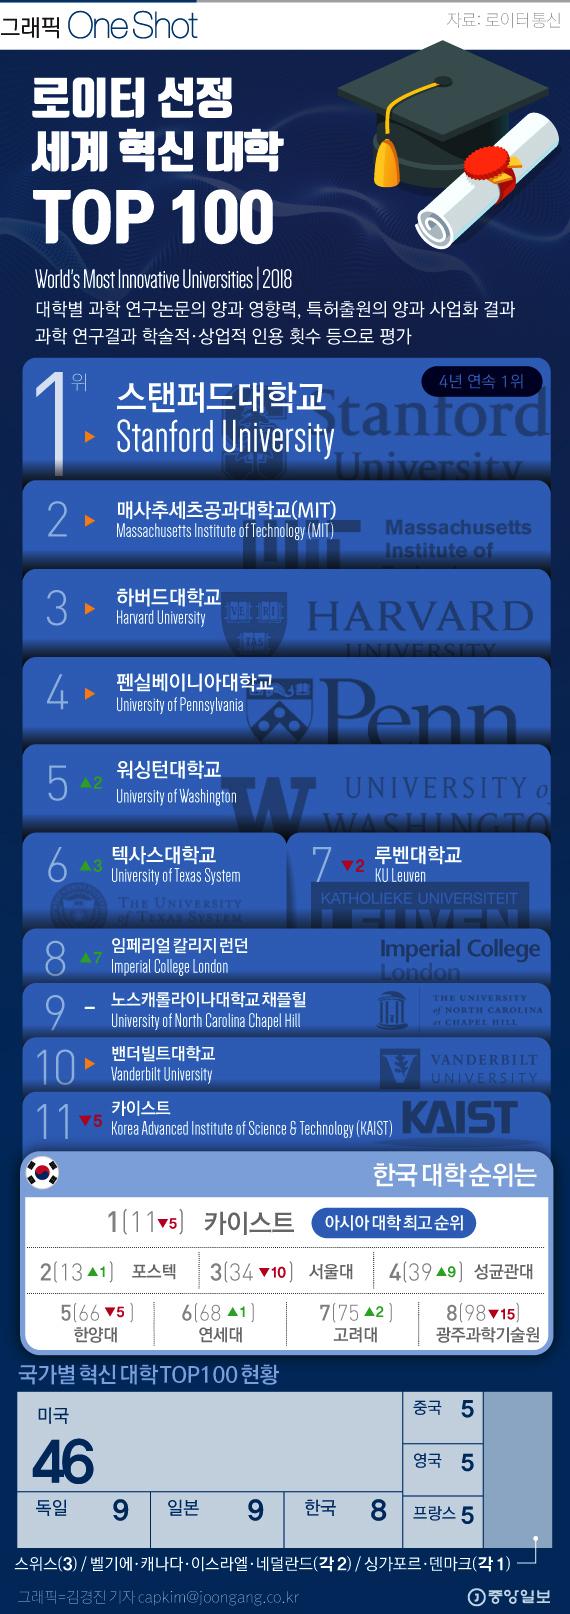 [ONE SHOT] 2018 세계 최고 혁신 대학은 '스탠퍼드'…한국 대학은?